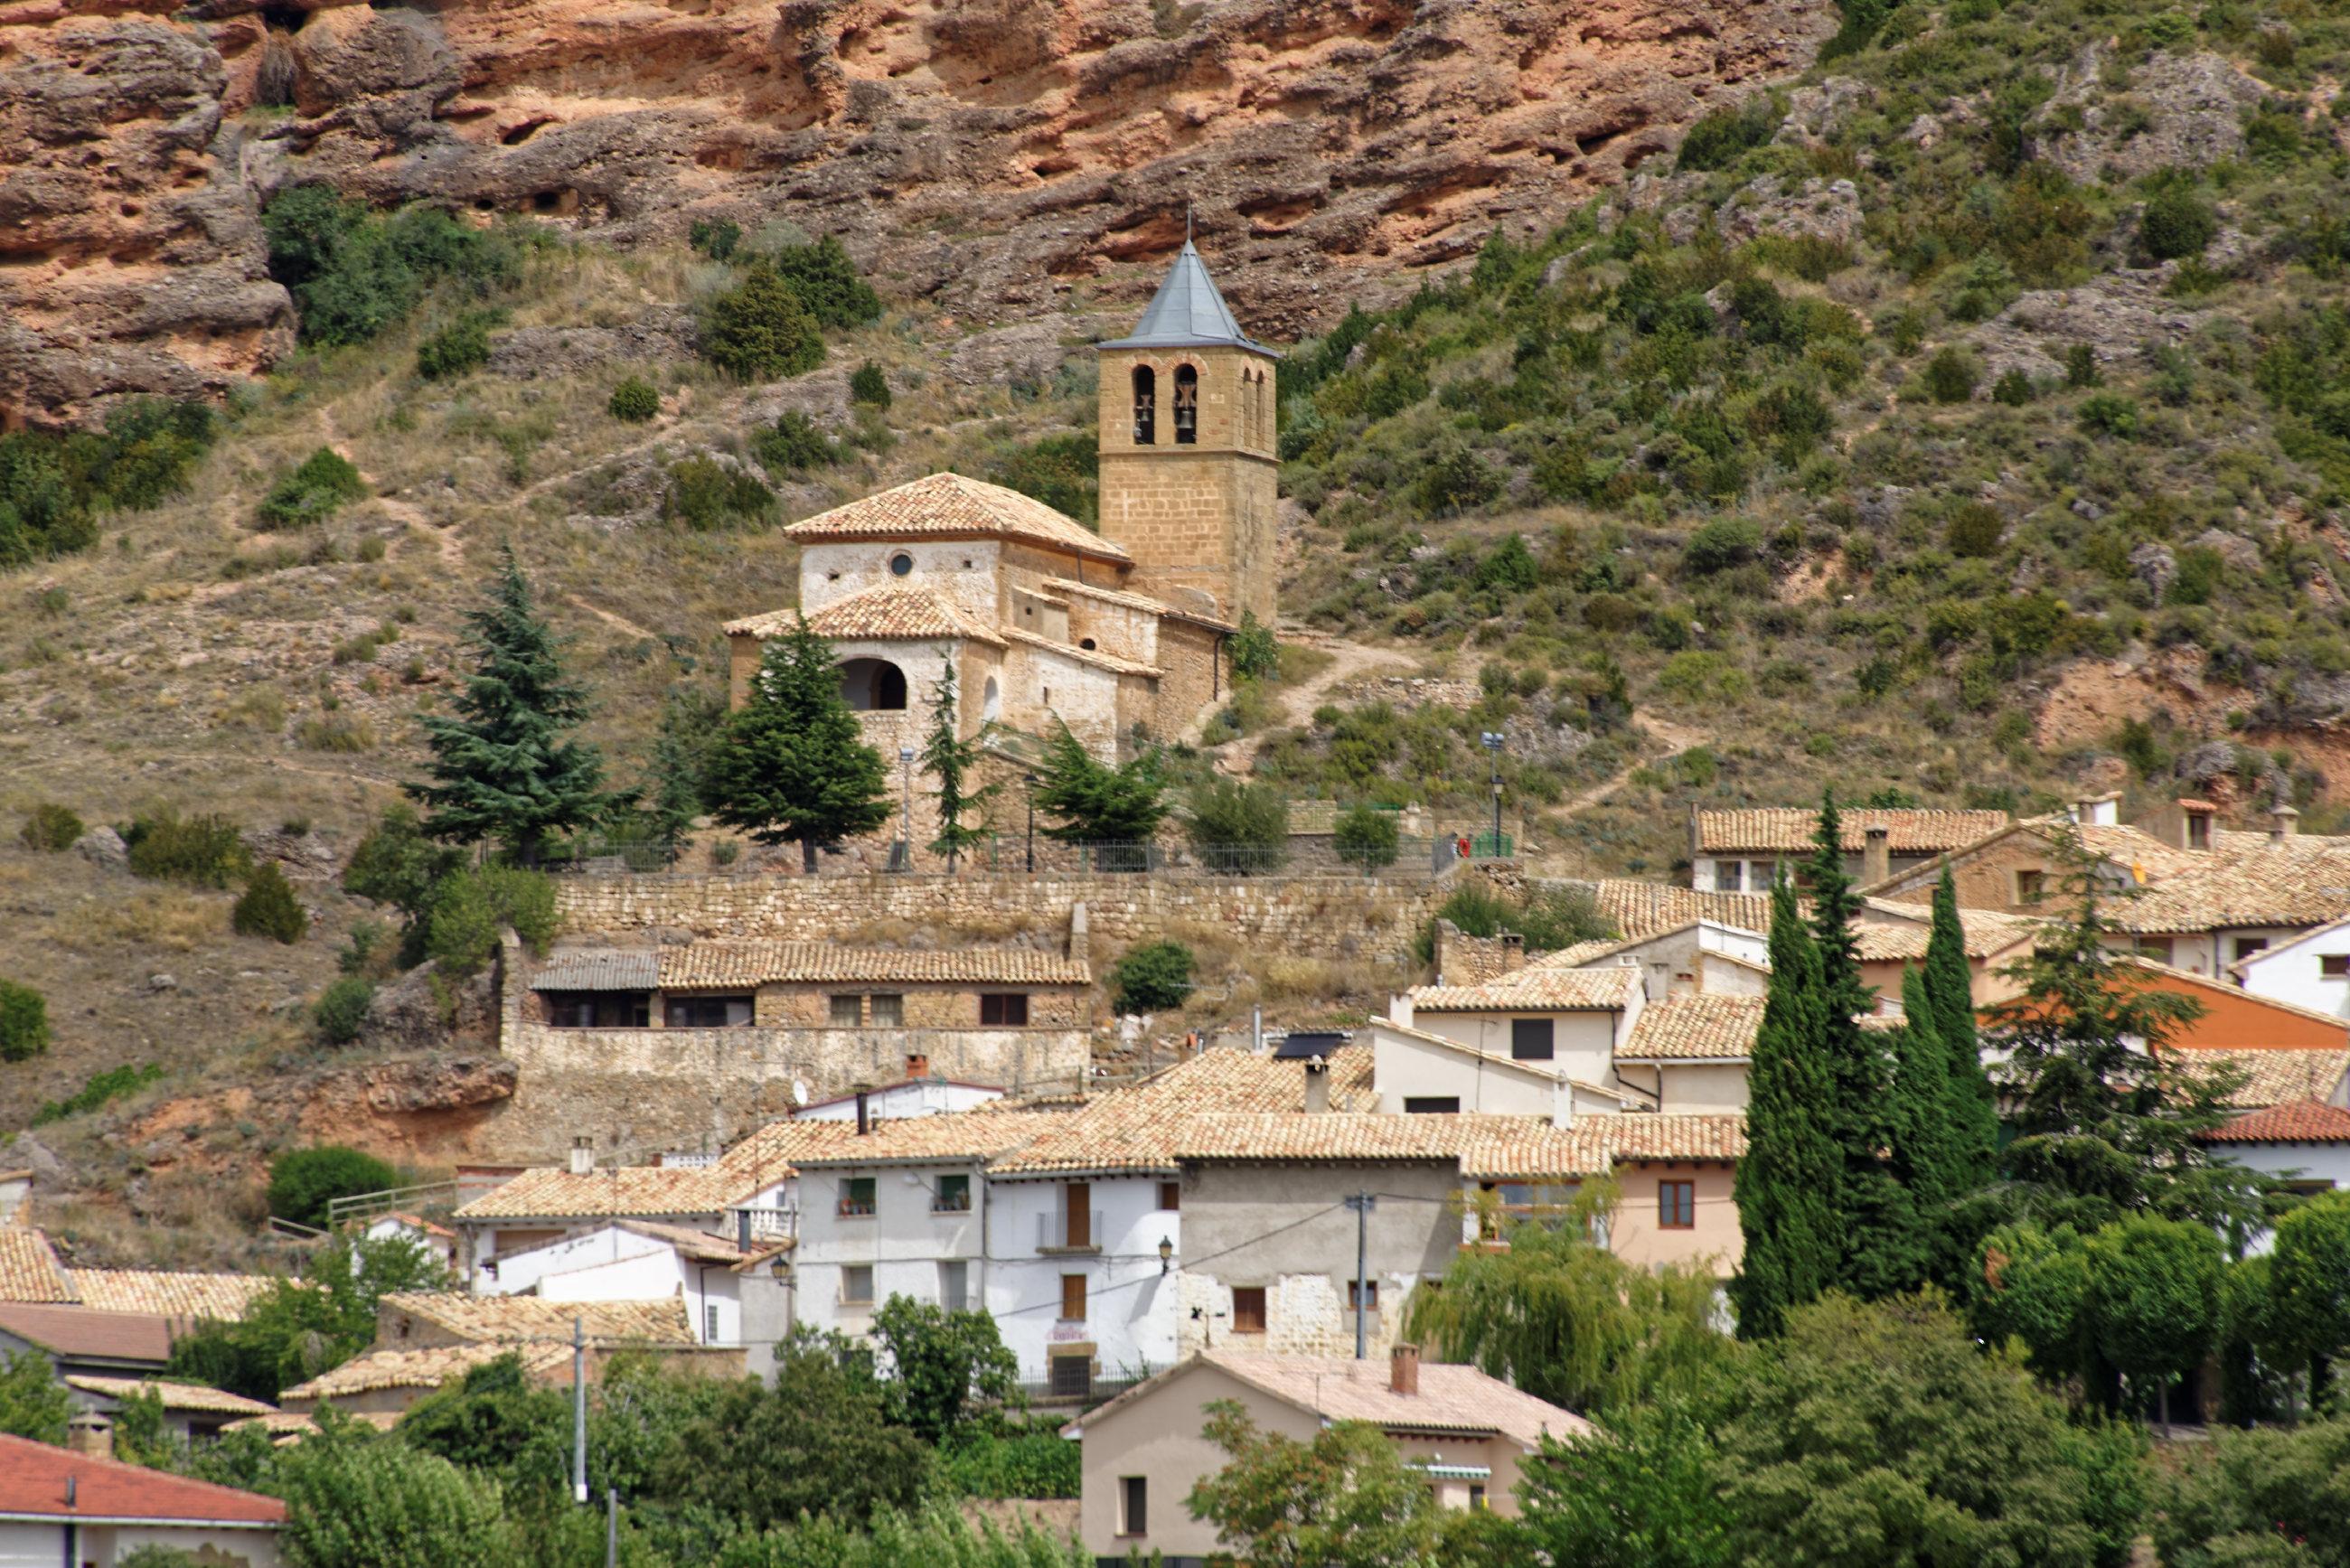 (7241) Mallos de Riglos (Aragon)